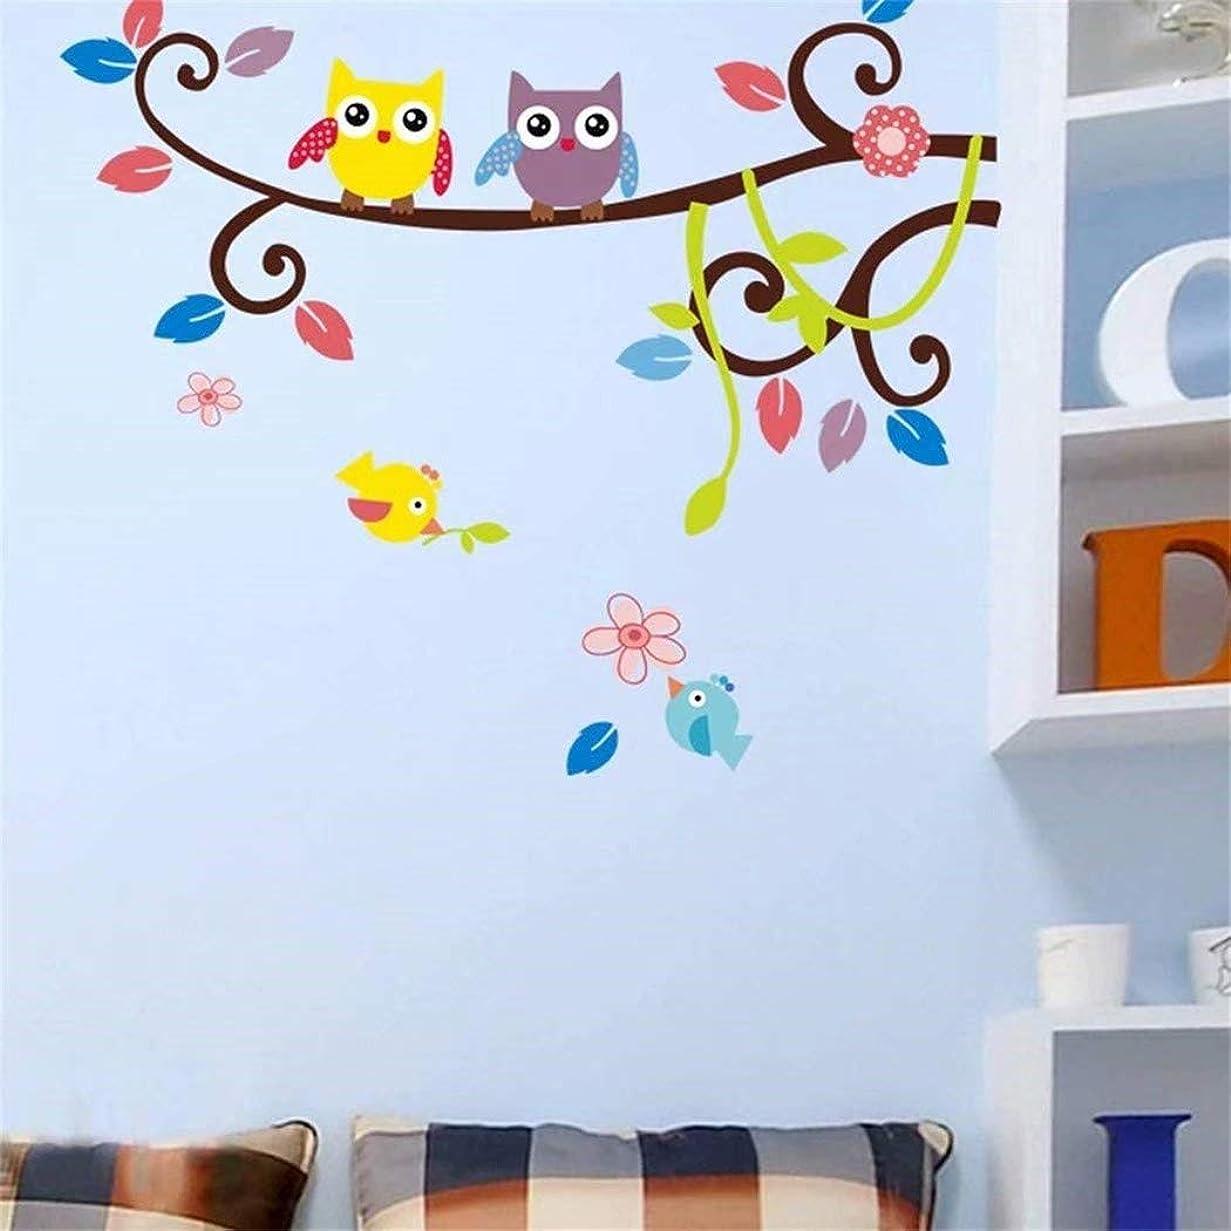 許す石プランター七里の香 木の漫画の子供の部屋壁飾りウォールステッカー壁の壁画上フクロウ